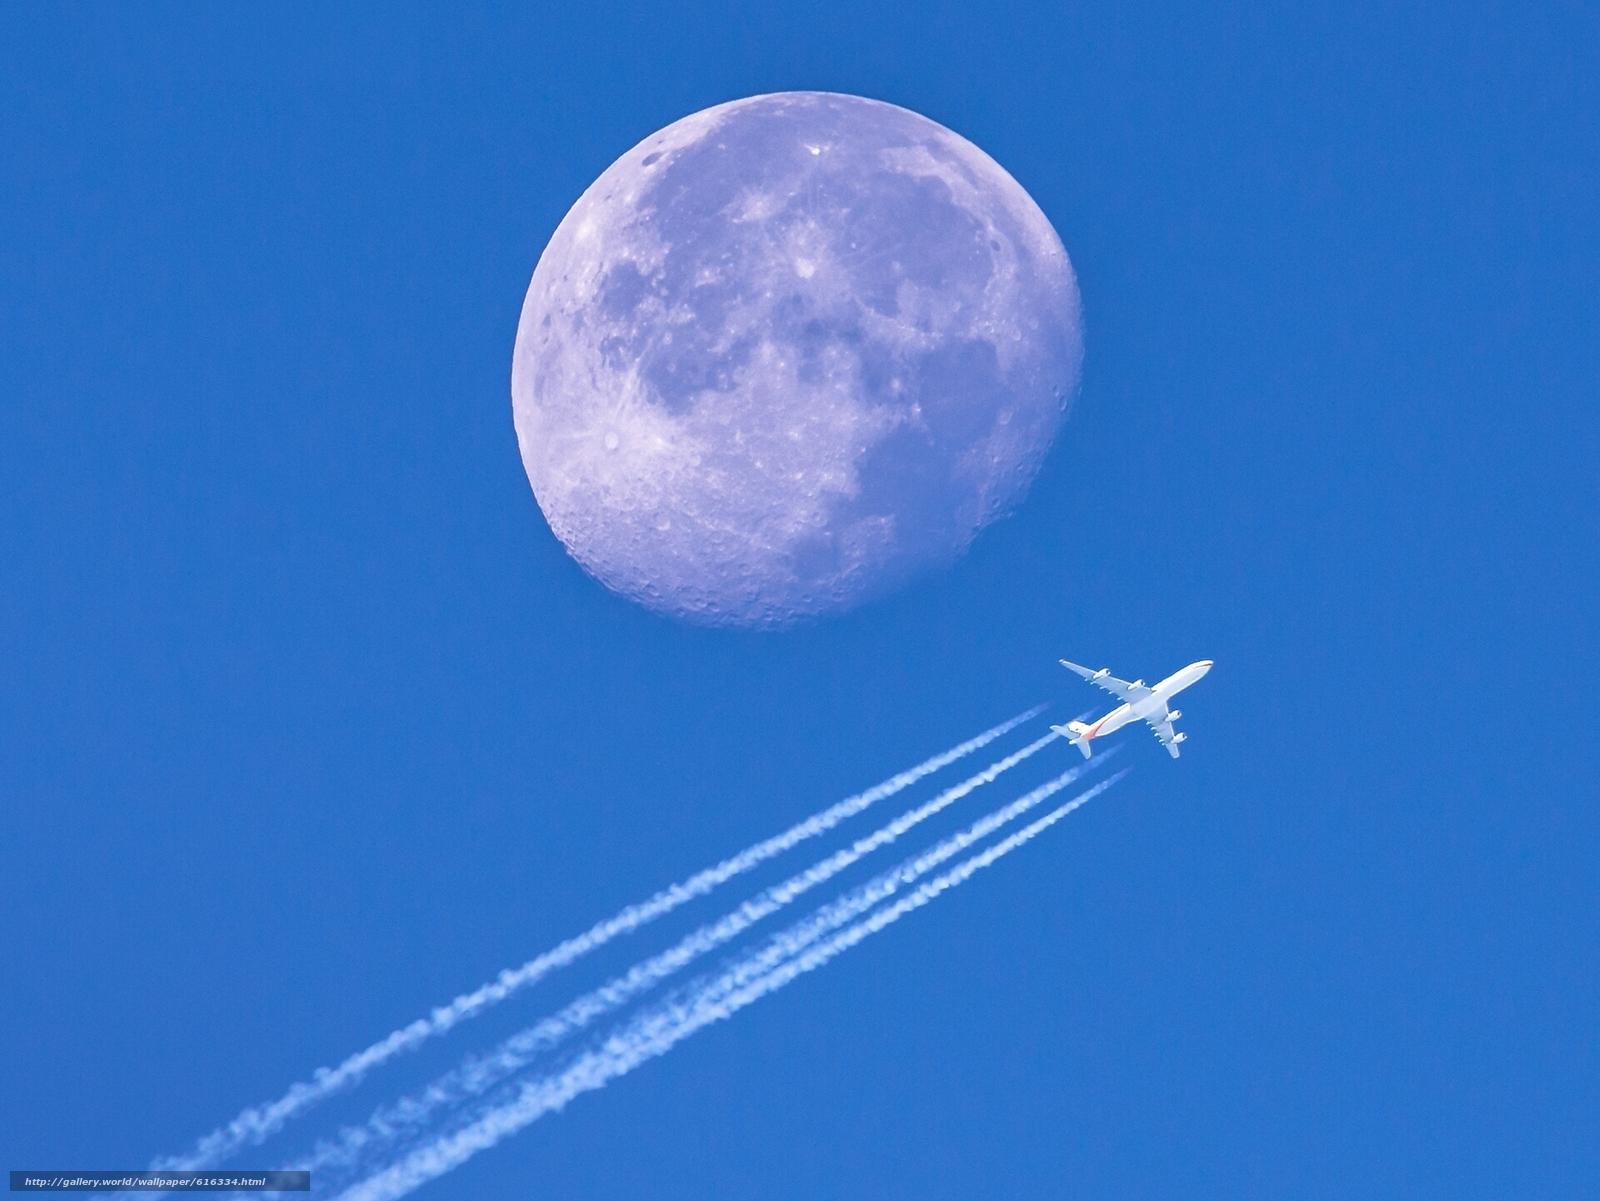 Скачать на телефон обои фото картинку на тему самолёт, Луна, планета, небо, разширение 1920x1441